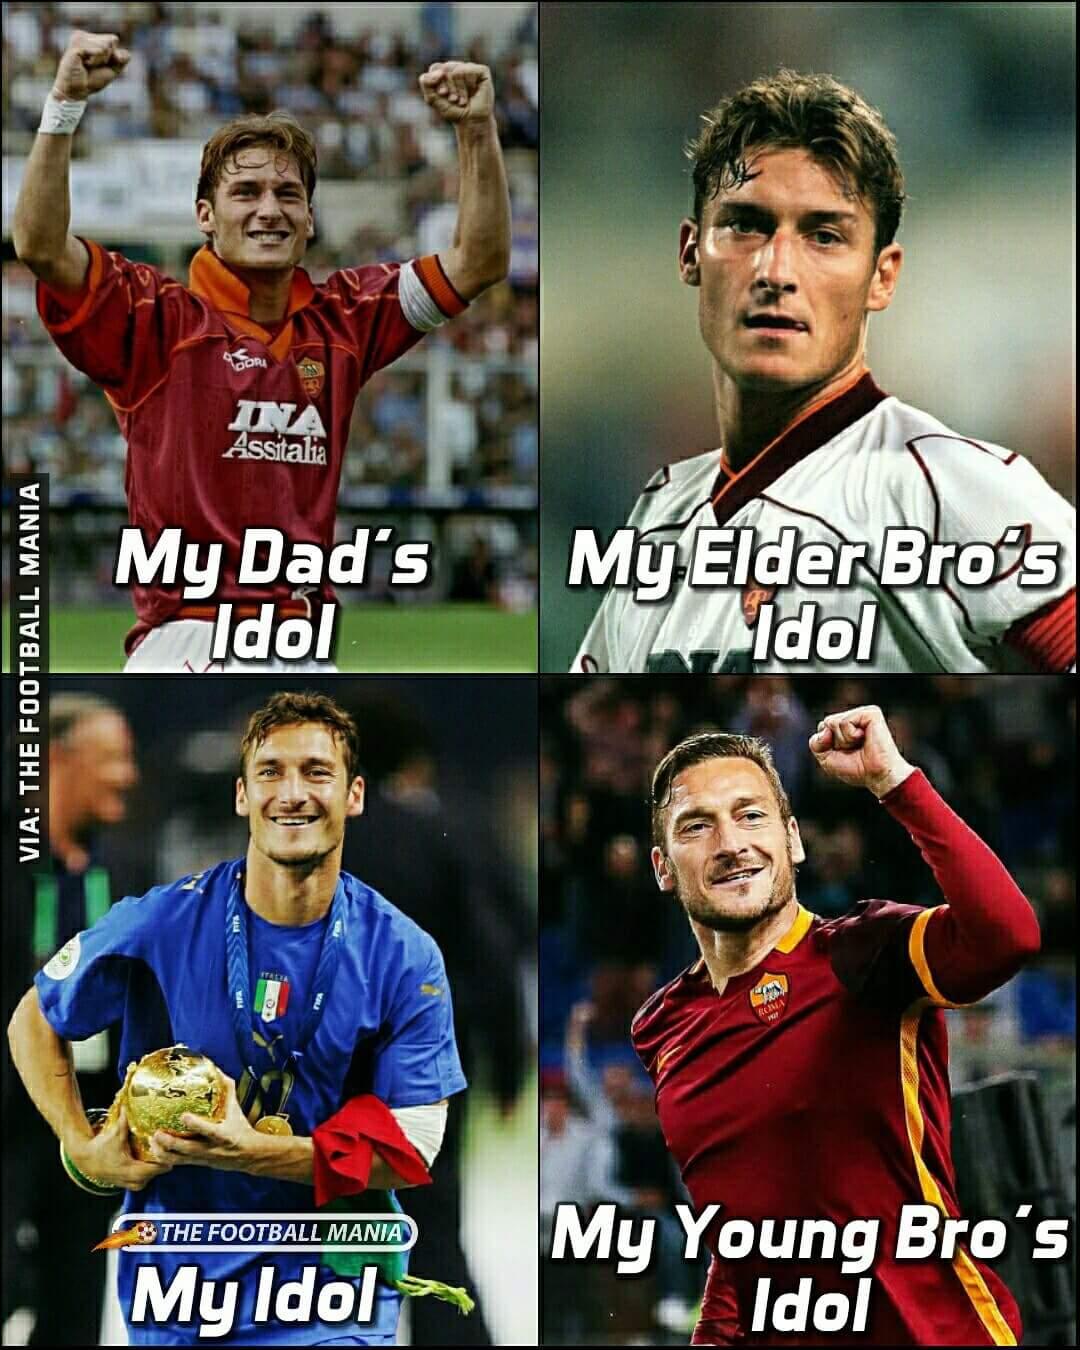 西班牙足球明星有哪些_世界明星联队√西班牙明星_西班牙足球